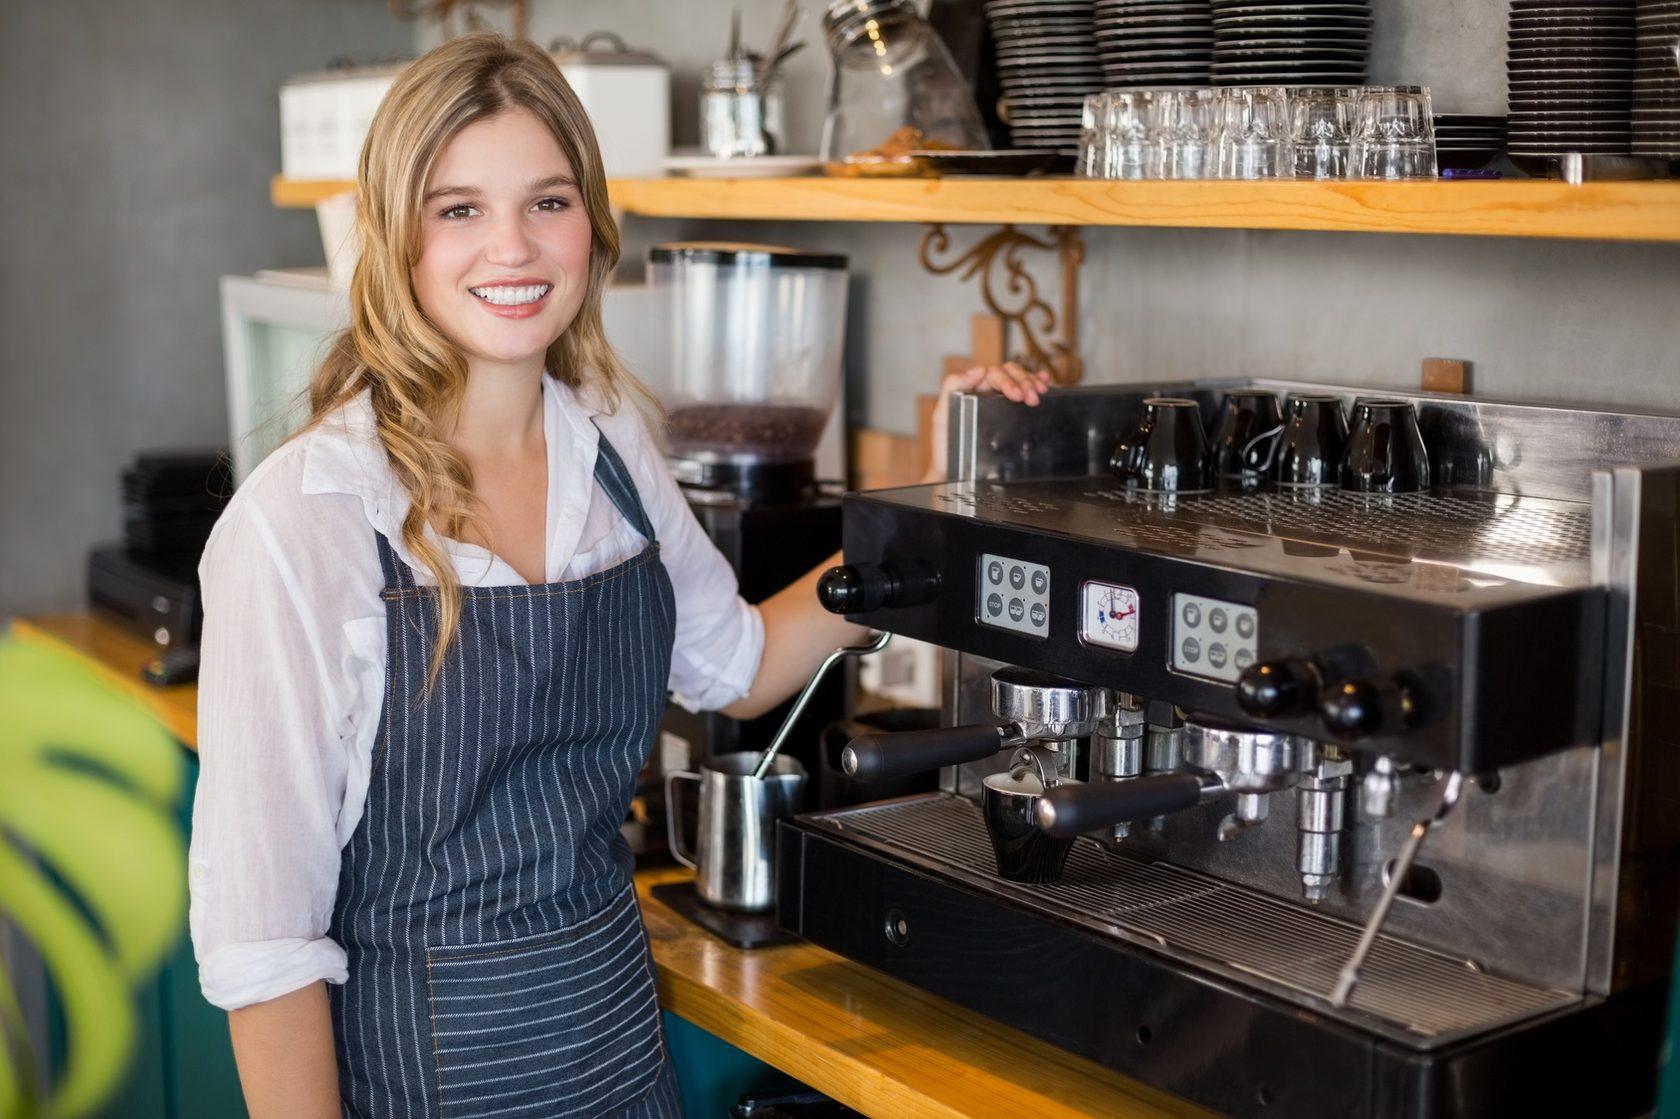 cafe_worker